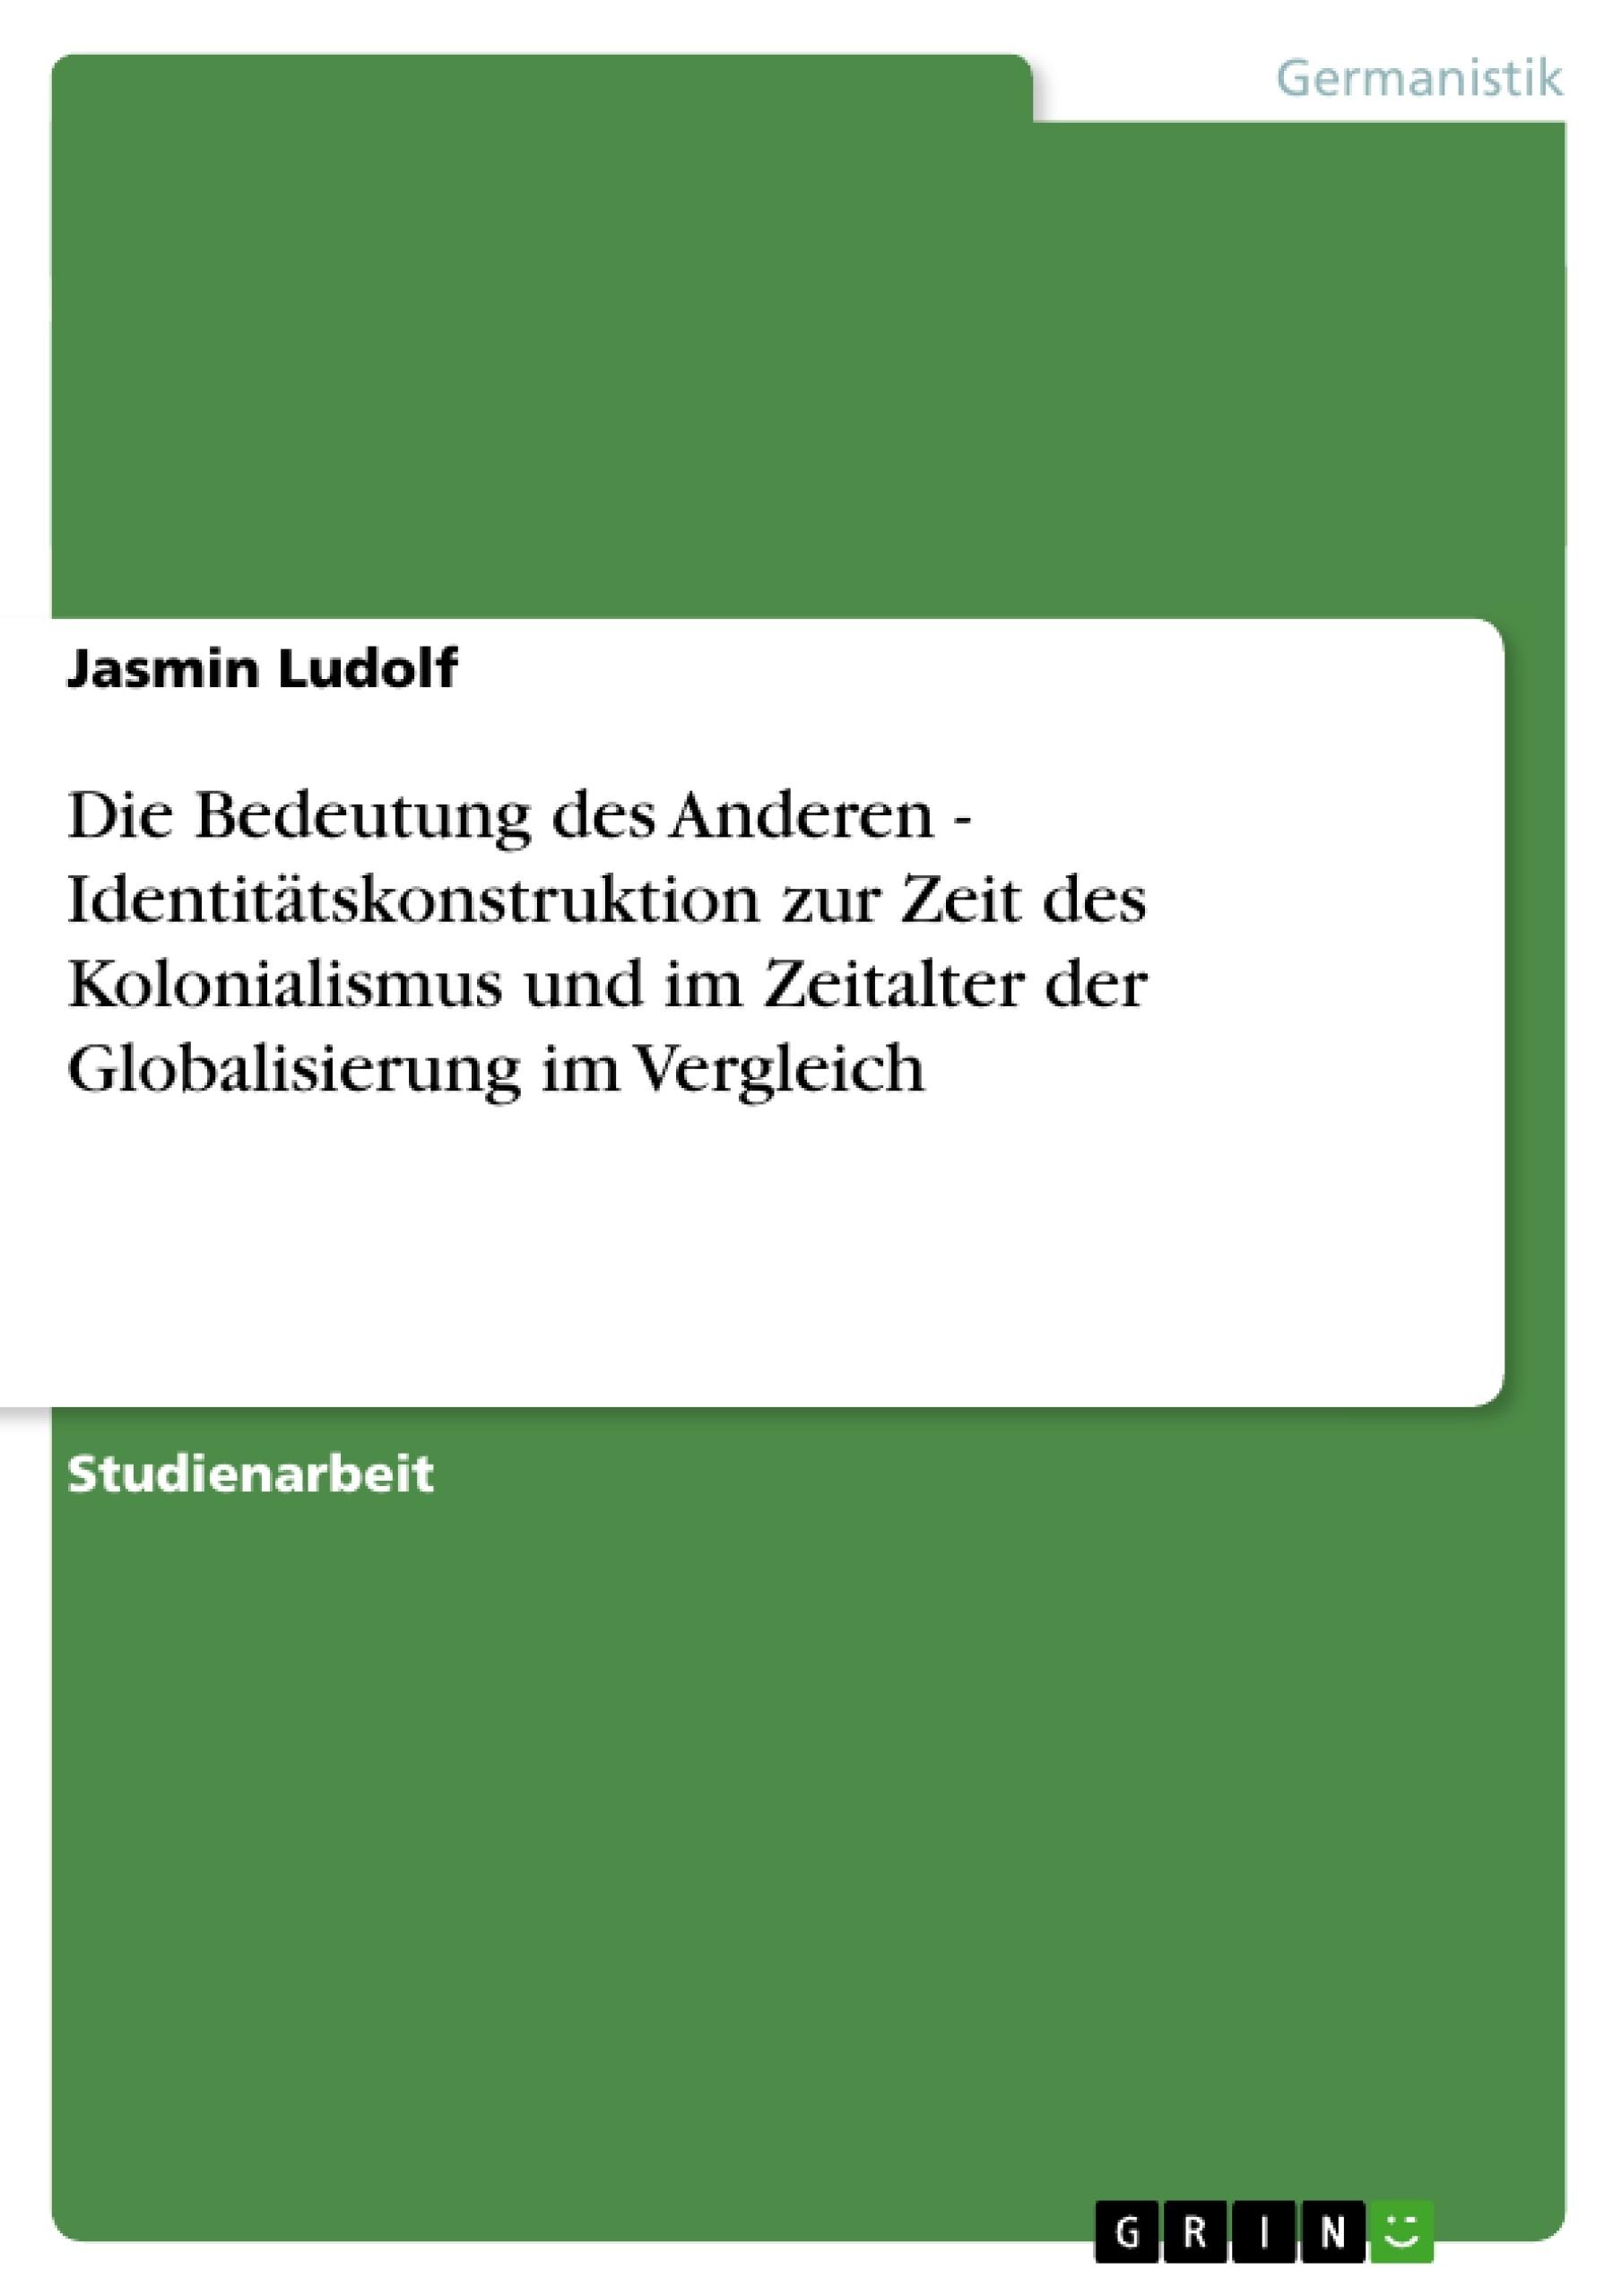 Titel: Die Bedeutung des Anderen - Identitätskonstruktion zur Zeit des Kolonialismus und im Zeitalter der Globalisierung im Vergleich